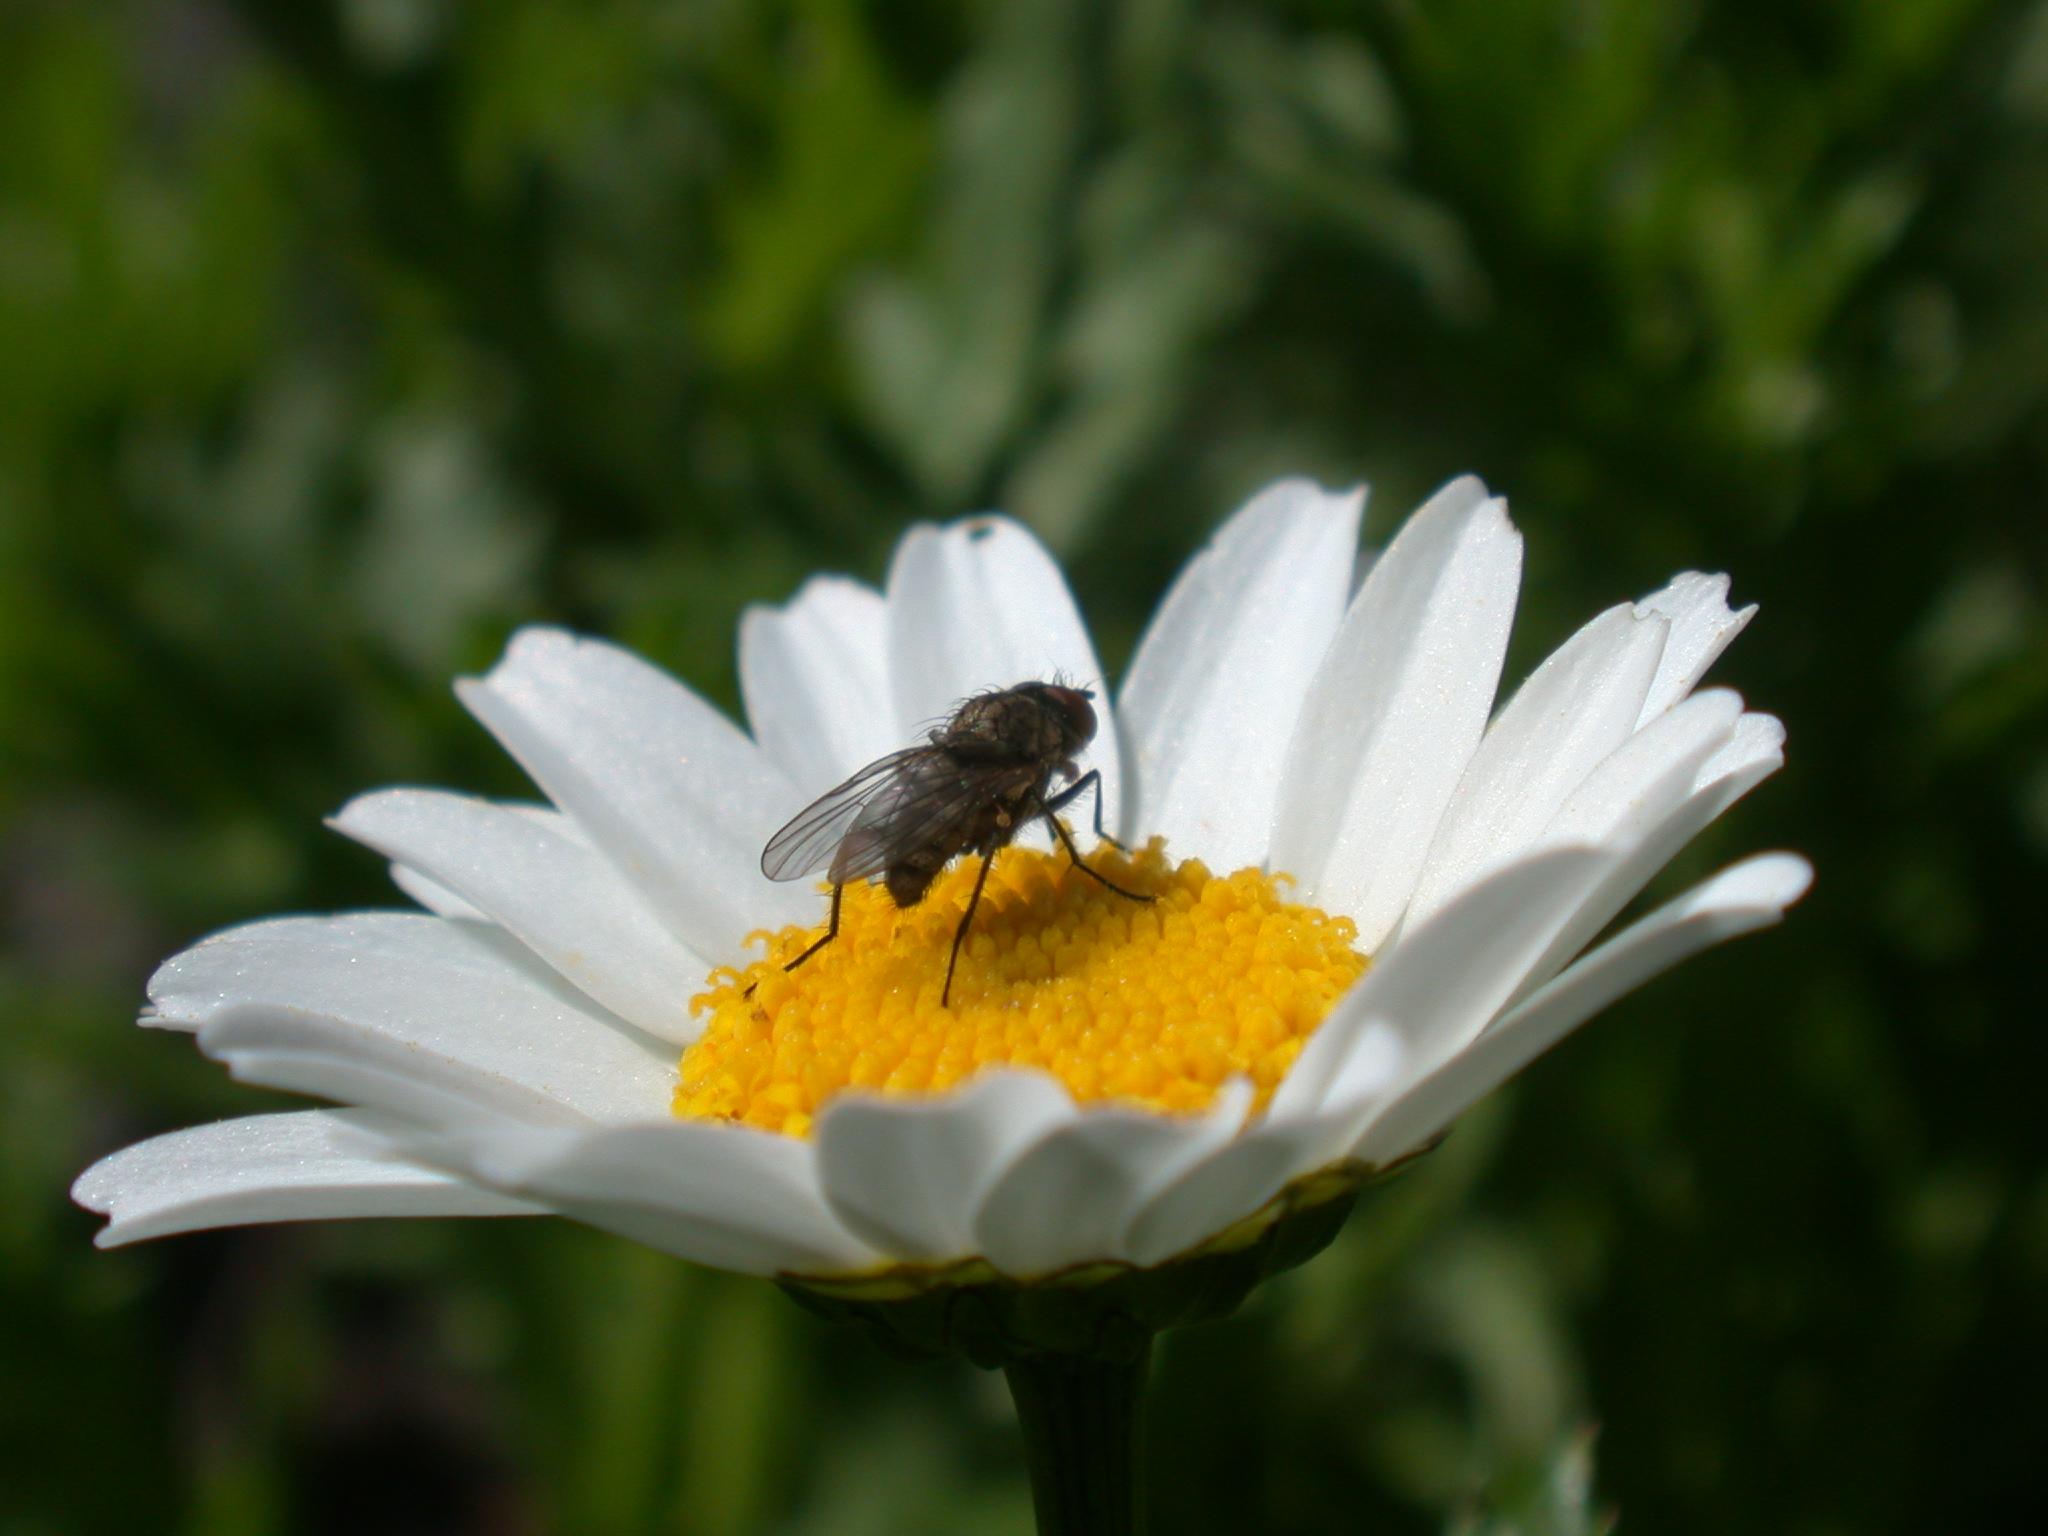 fly on flower white